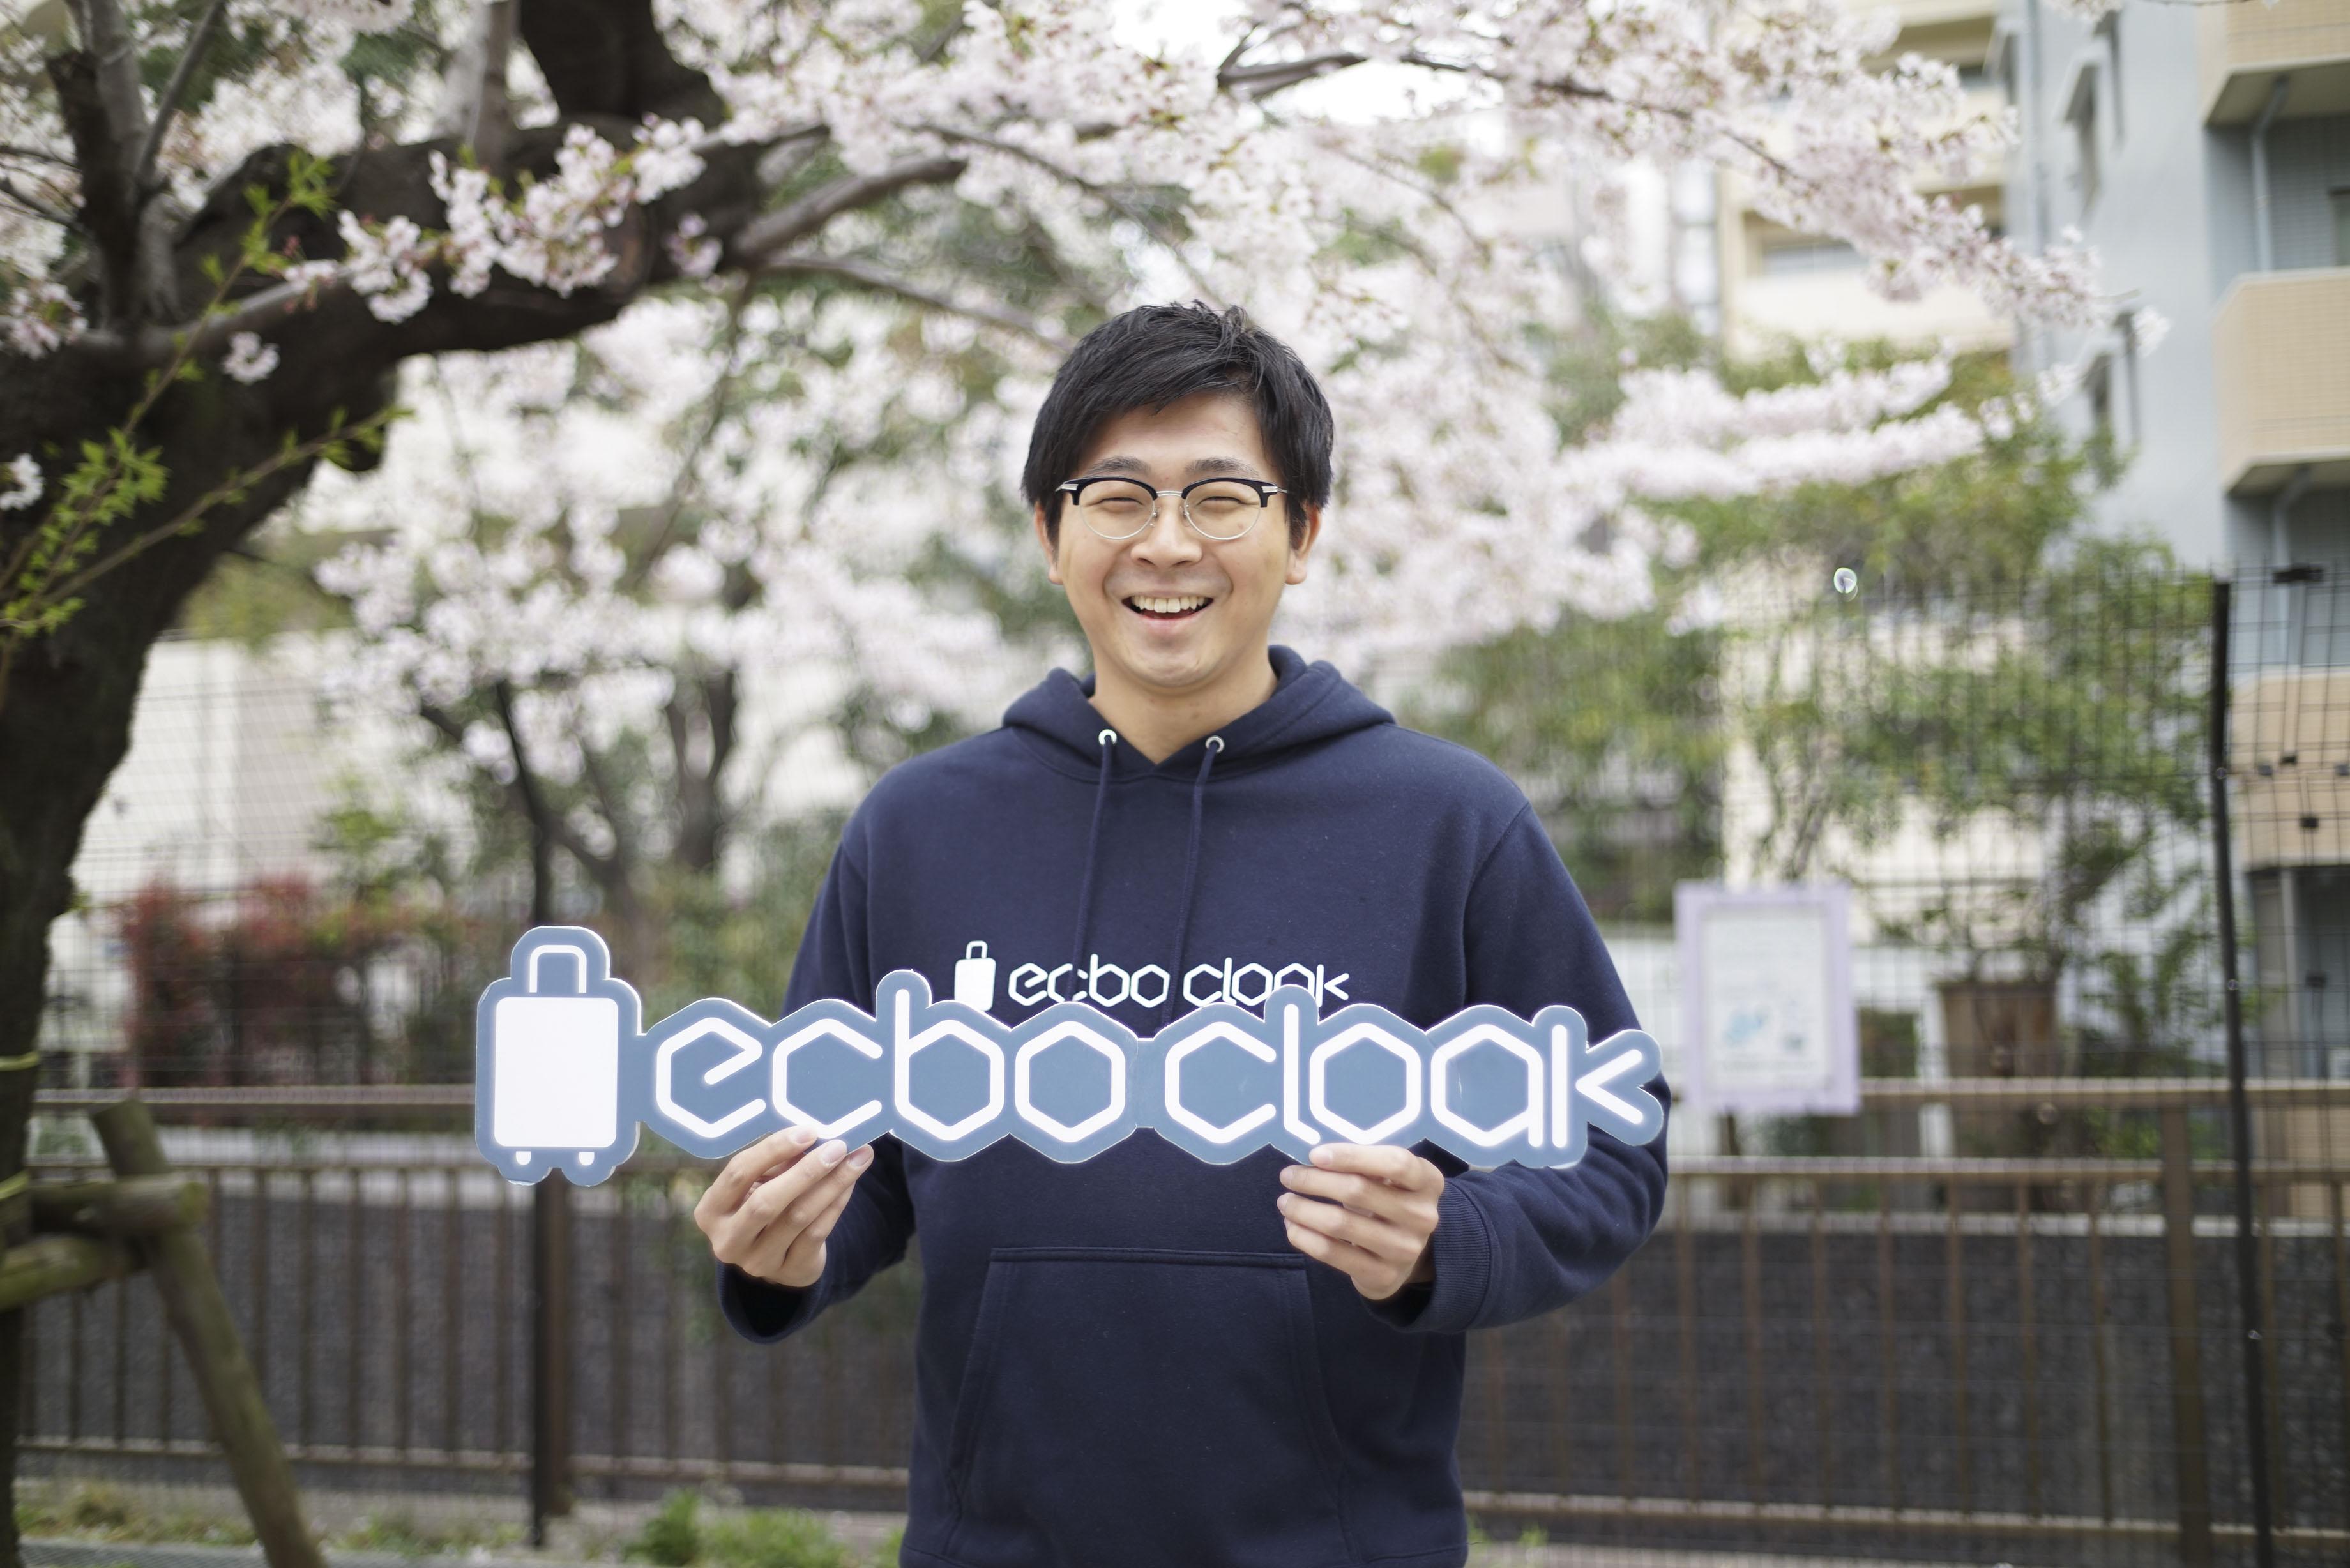 【ecbo卒業記】東大生活の半分はecboとともに。「自分の人生」を見つけるきっかけ Sales & Marketingインターン 西本 諒 #ecboの裏側